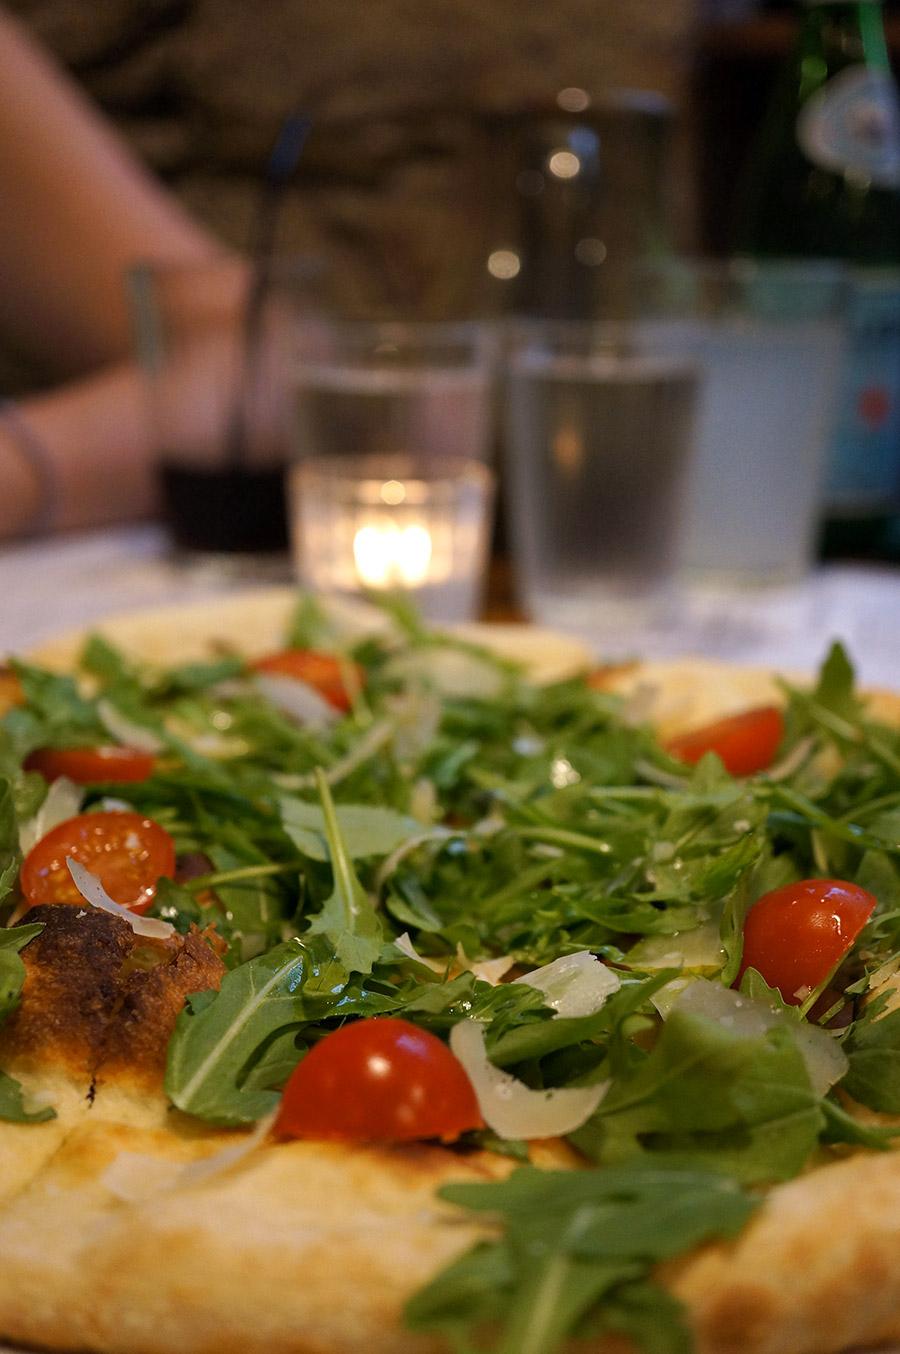 Antipasti : foccacia blanche, roquette, huile d'olive et grana padano chez Mia Nonna